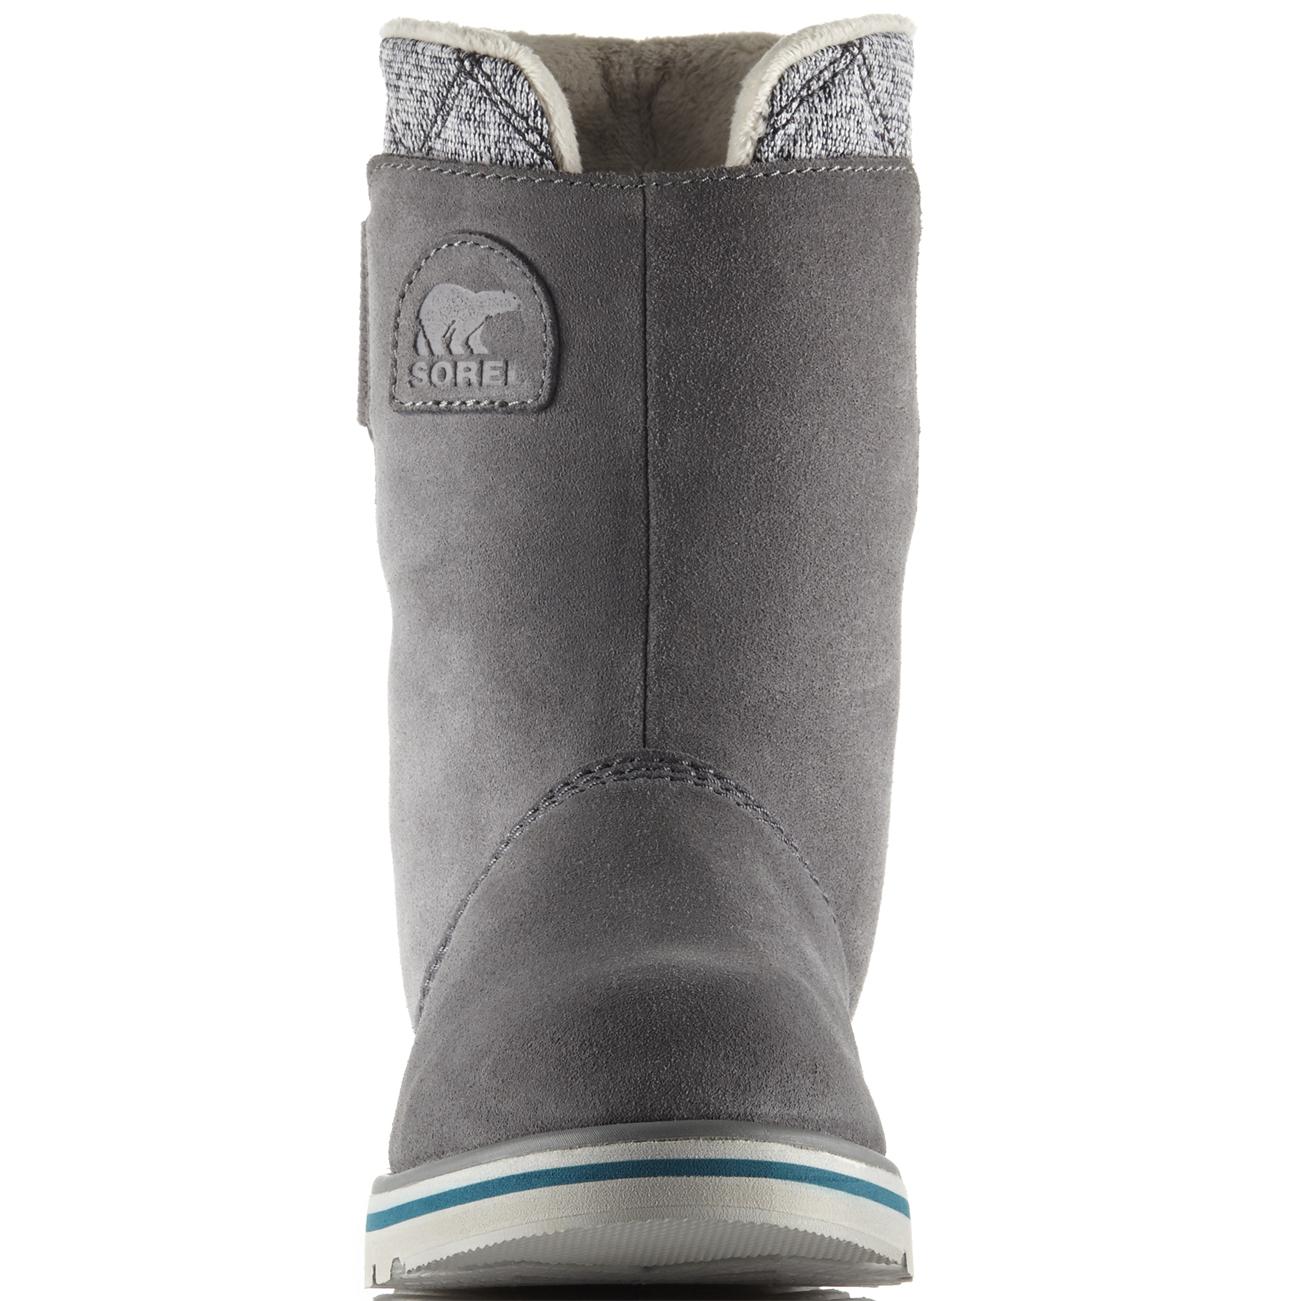 Señoras Sorel Rylee Gamuza Botas Senderismo Nieve Caminar Pato Impermeable Todos los Tamaños